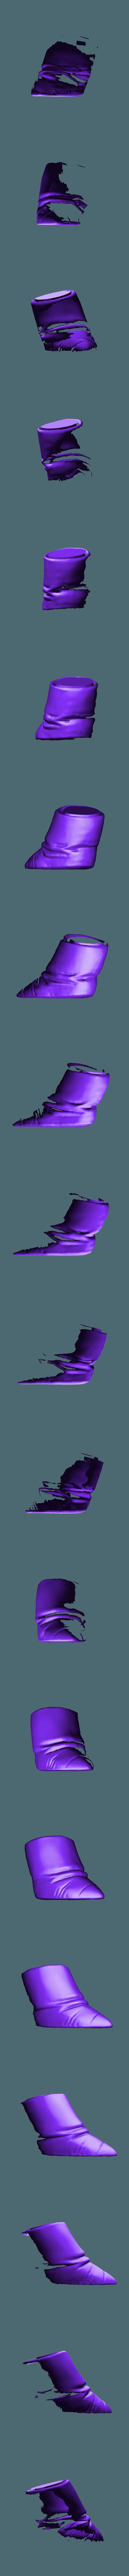 MajinBuu_04.stl Télécharger fichier STL gratuit Buu Dragon Ball Z • Objet pour impression 3D, Gatober